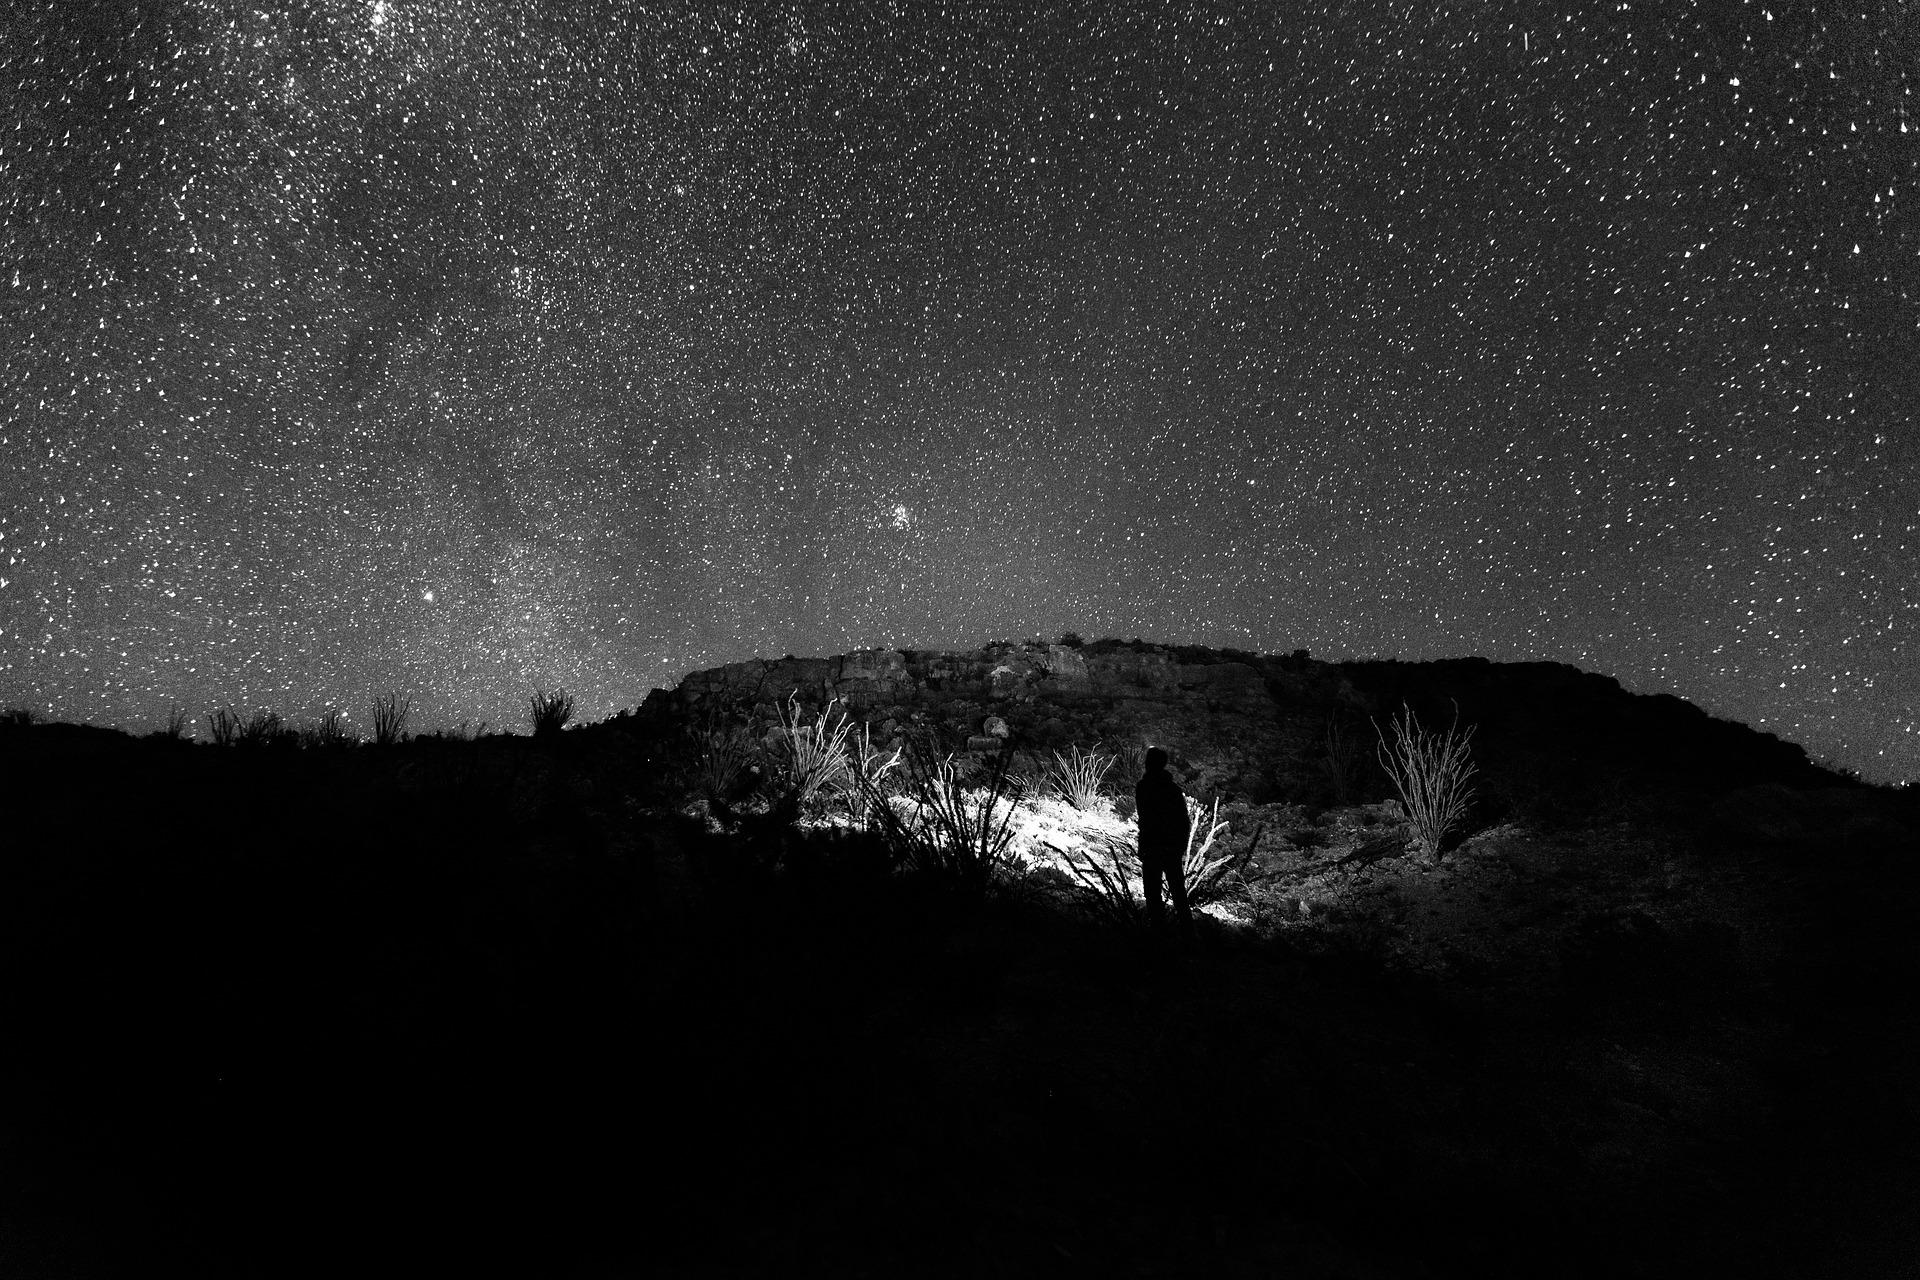 綺麗な星空と世界